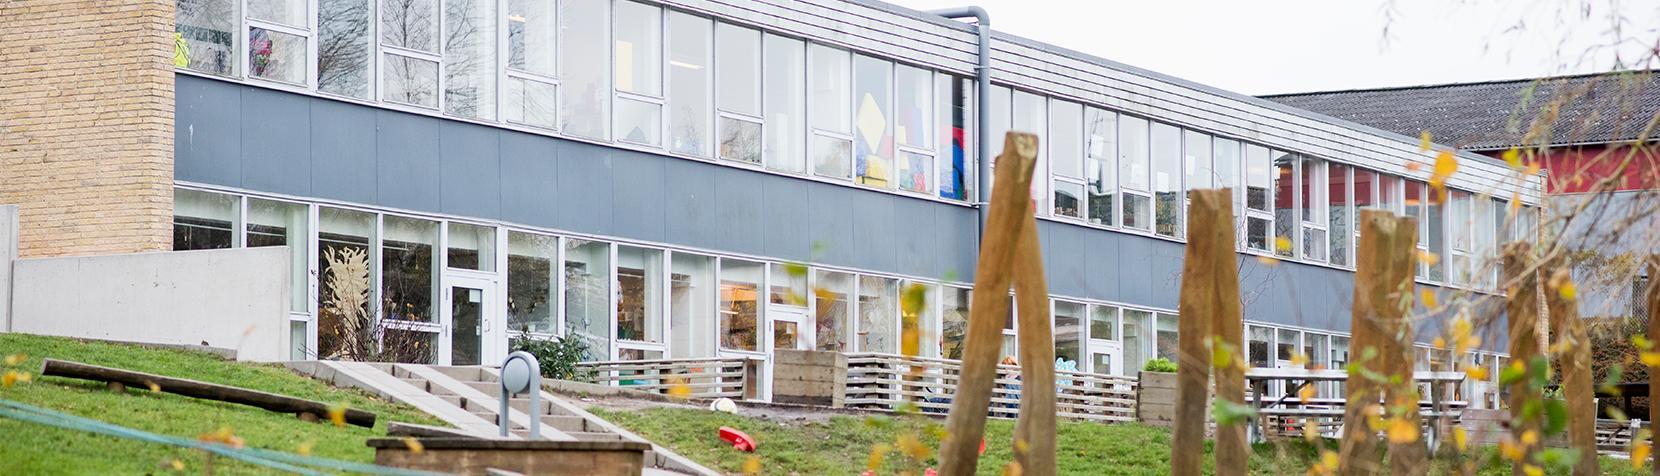 Børnehuset Pilegården